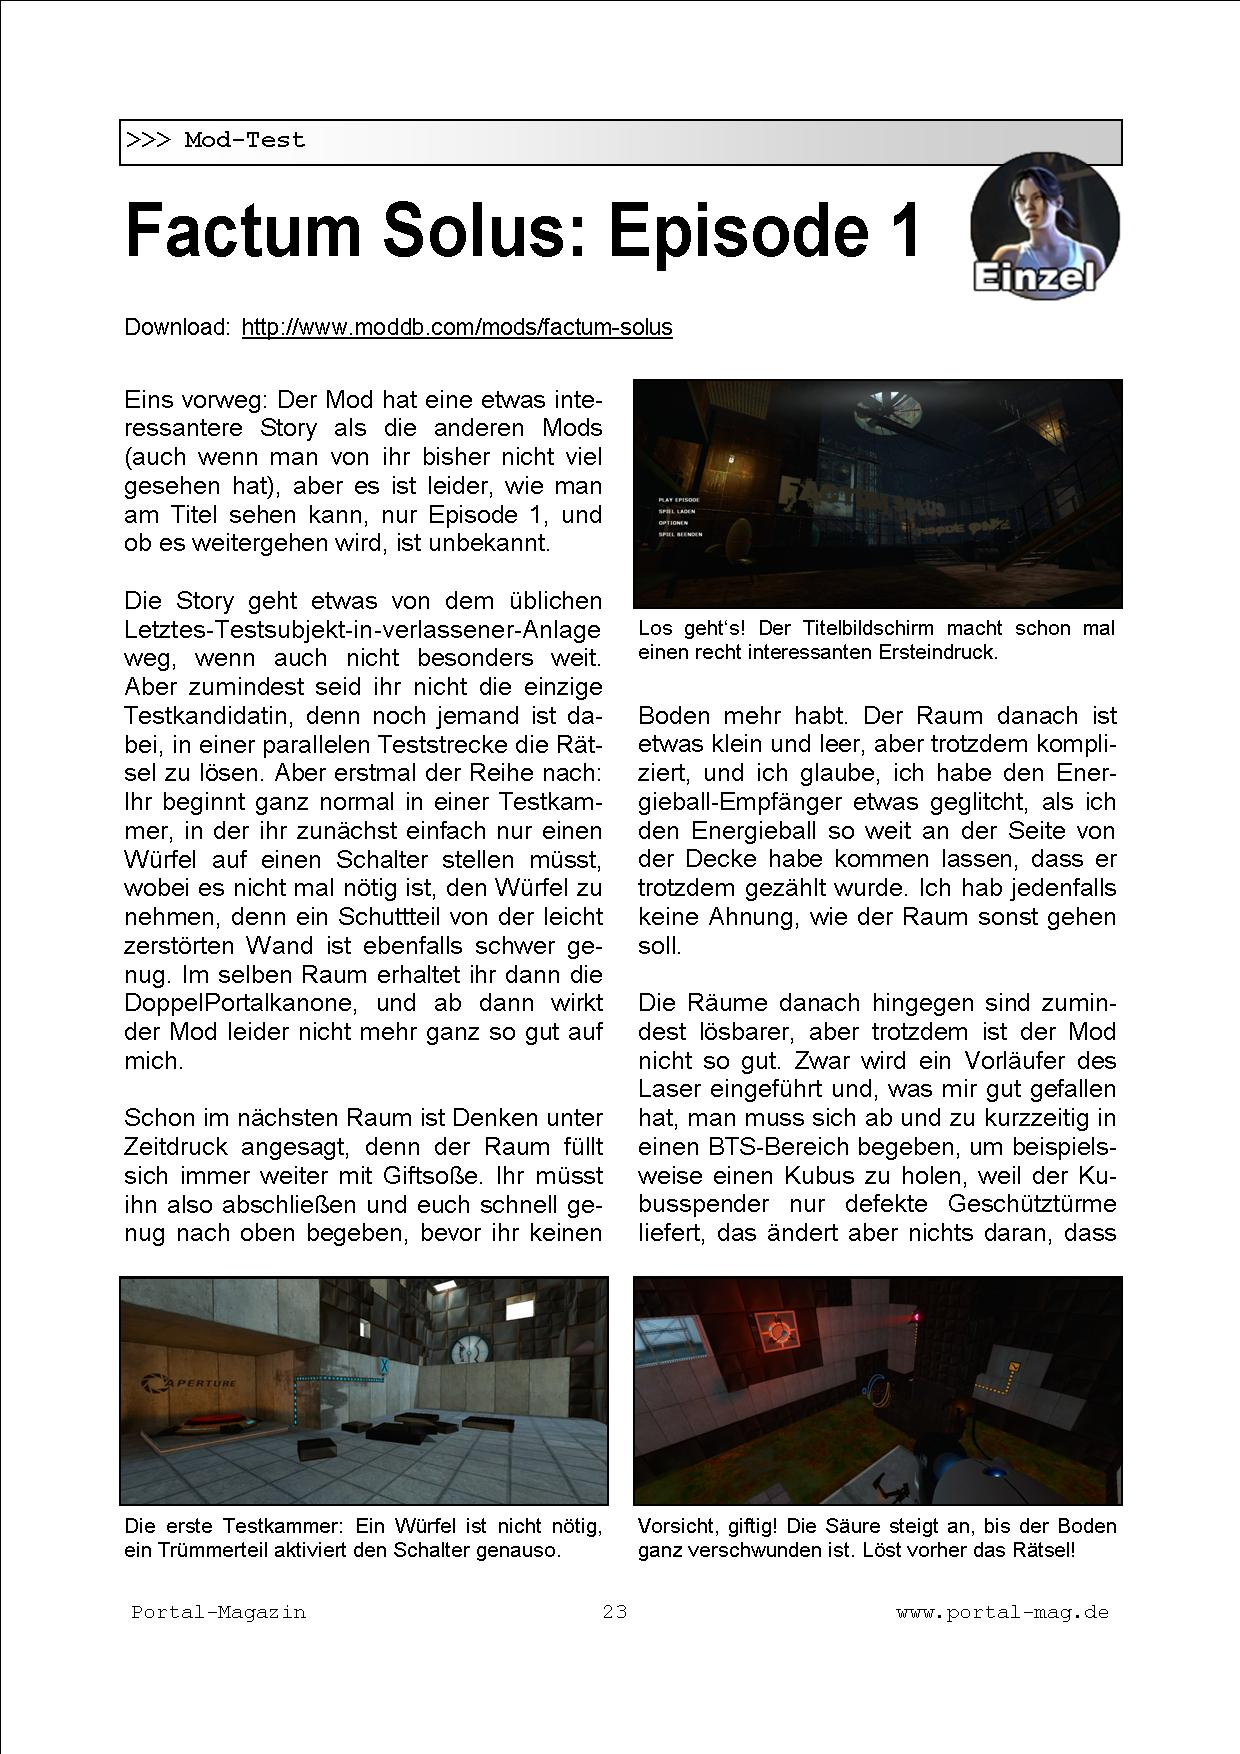 Ausgabe 11, Seite 23